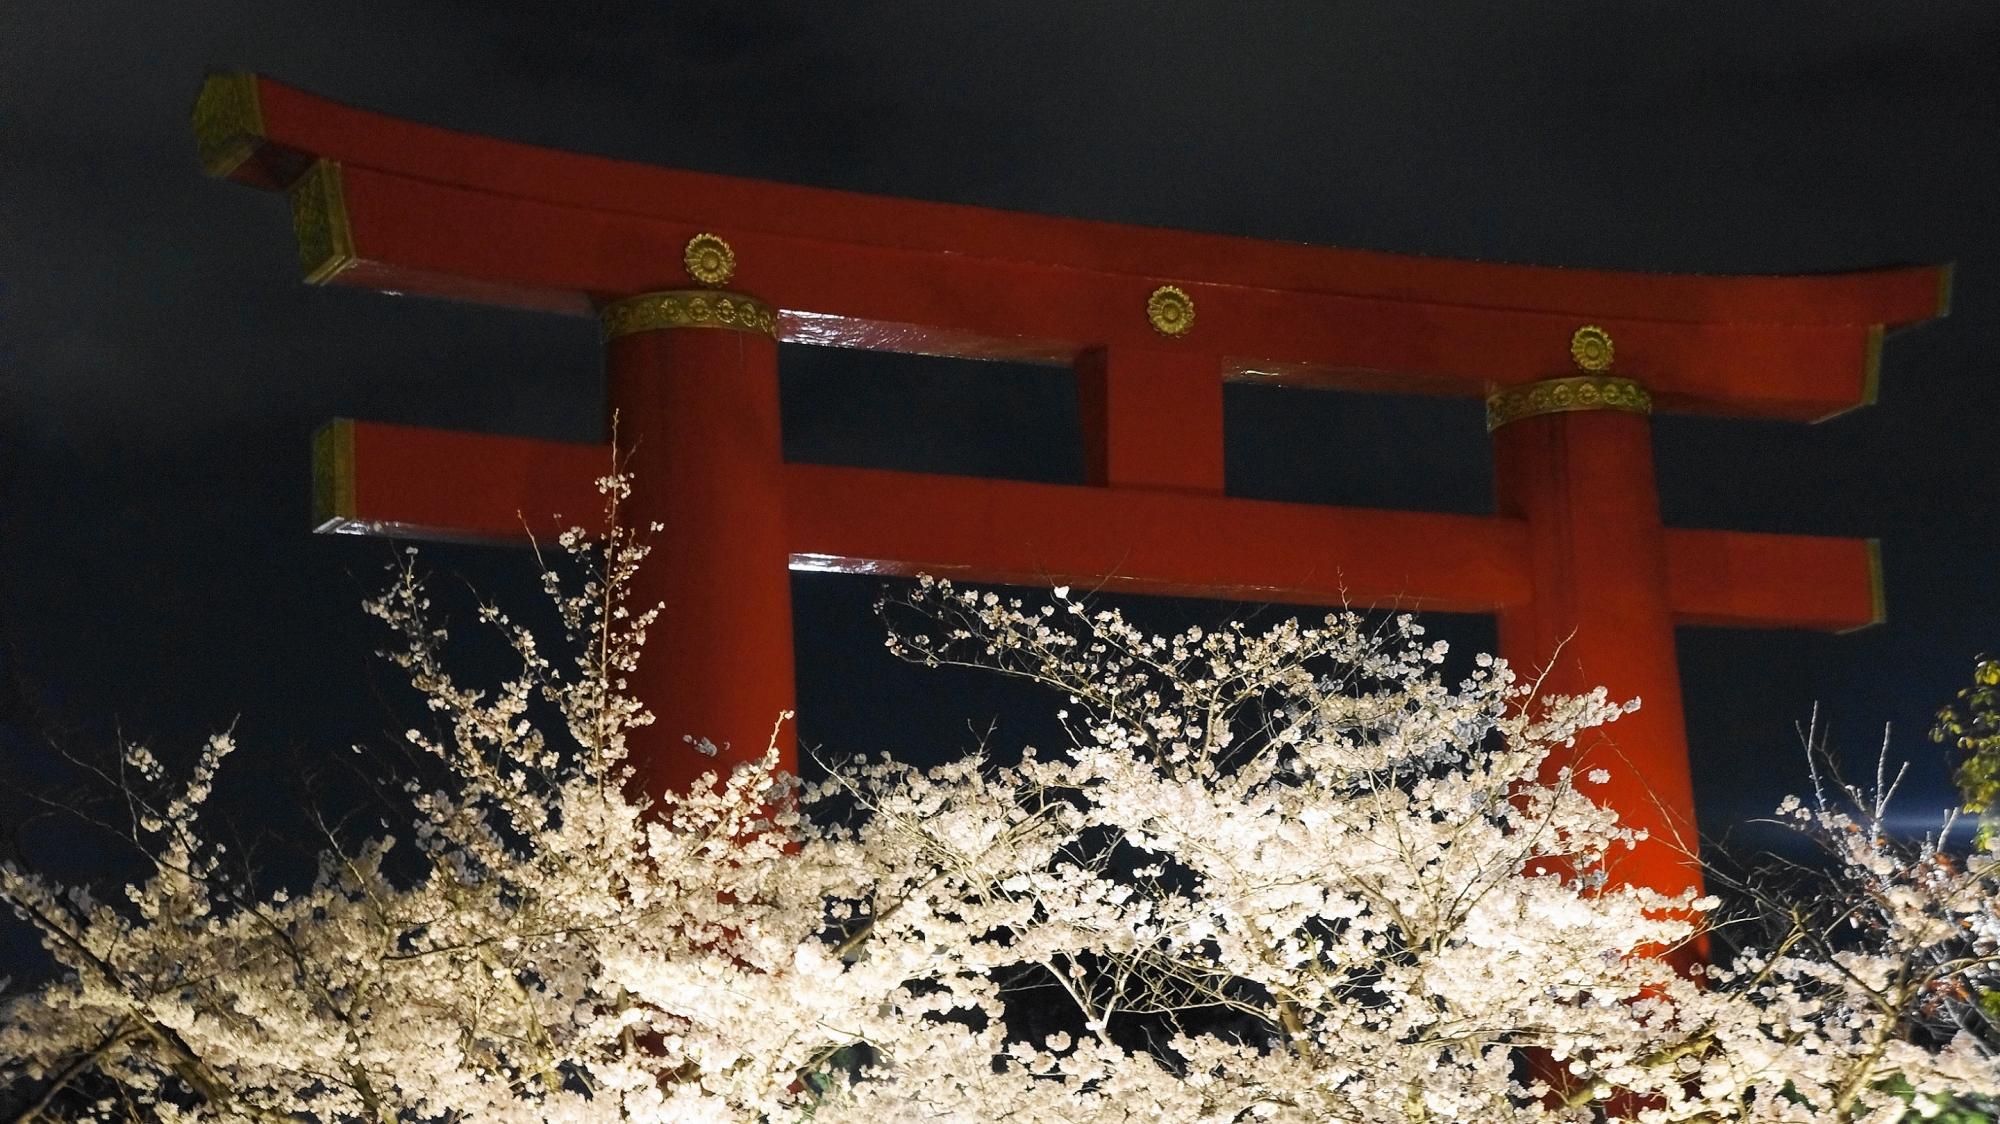 岡崎疏水の平安神宮鳥居と夜桜ライトアップ